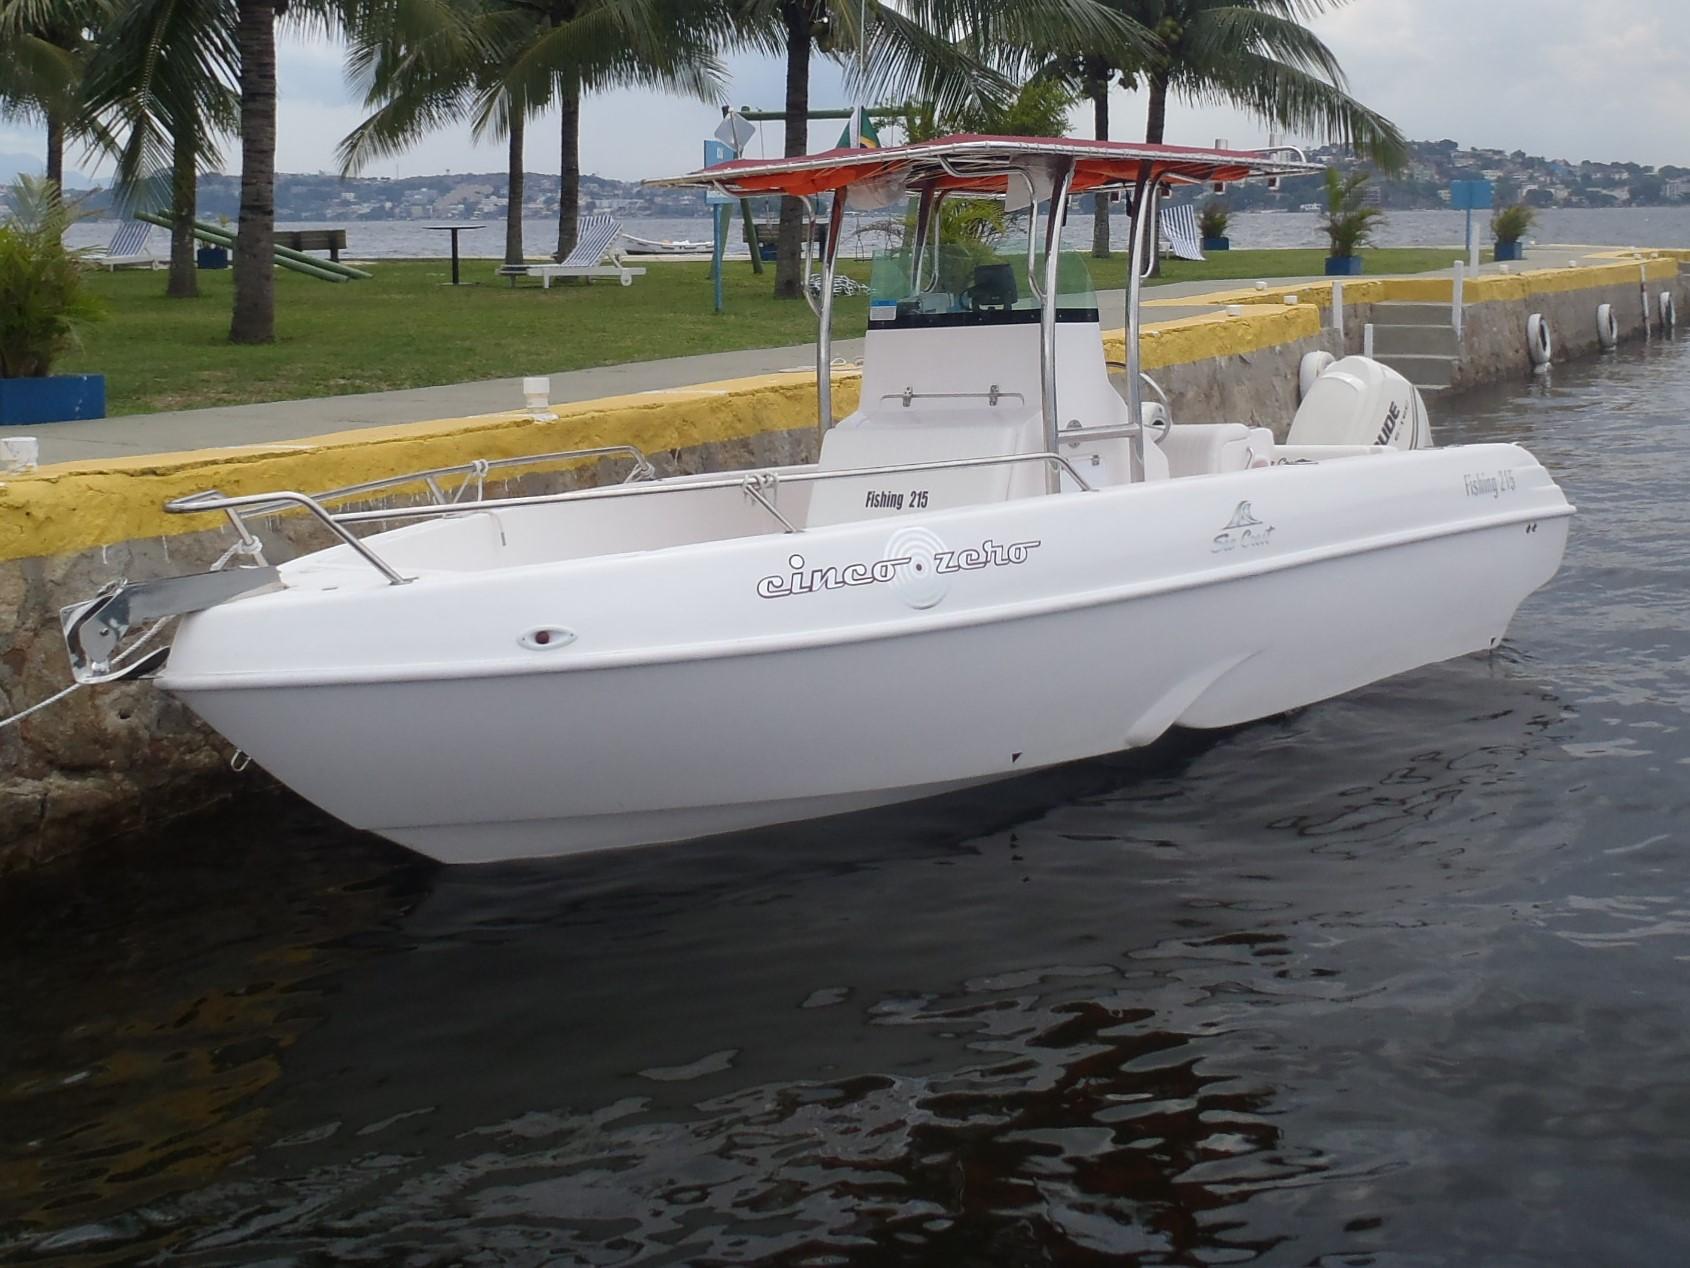 Sea Crest Boats Fishing 215